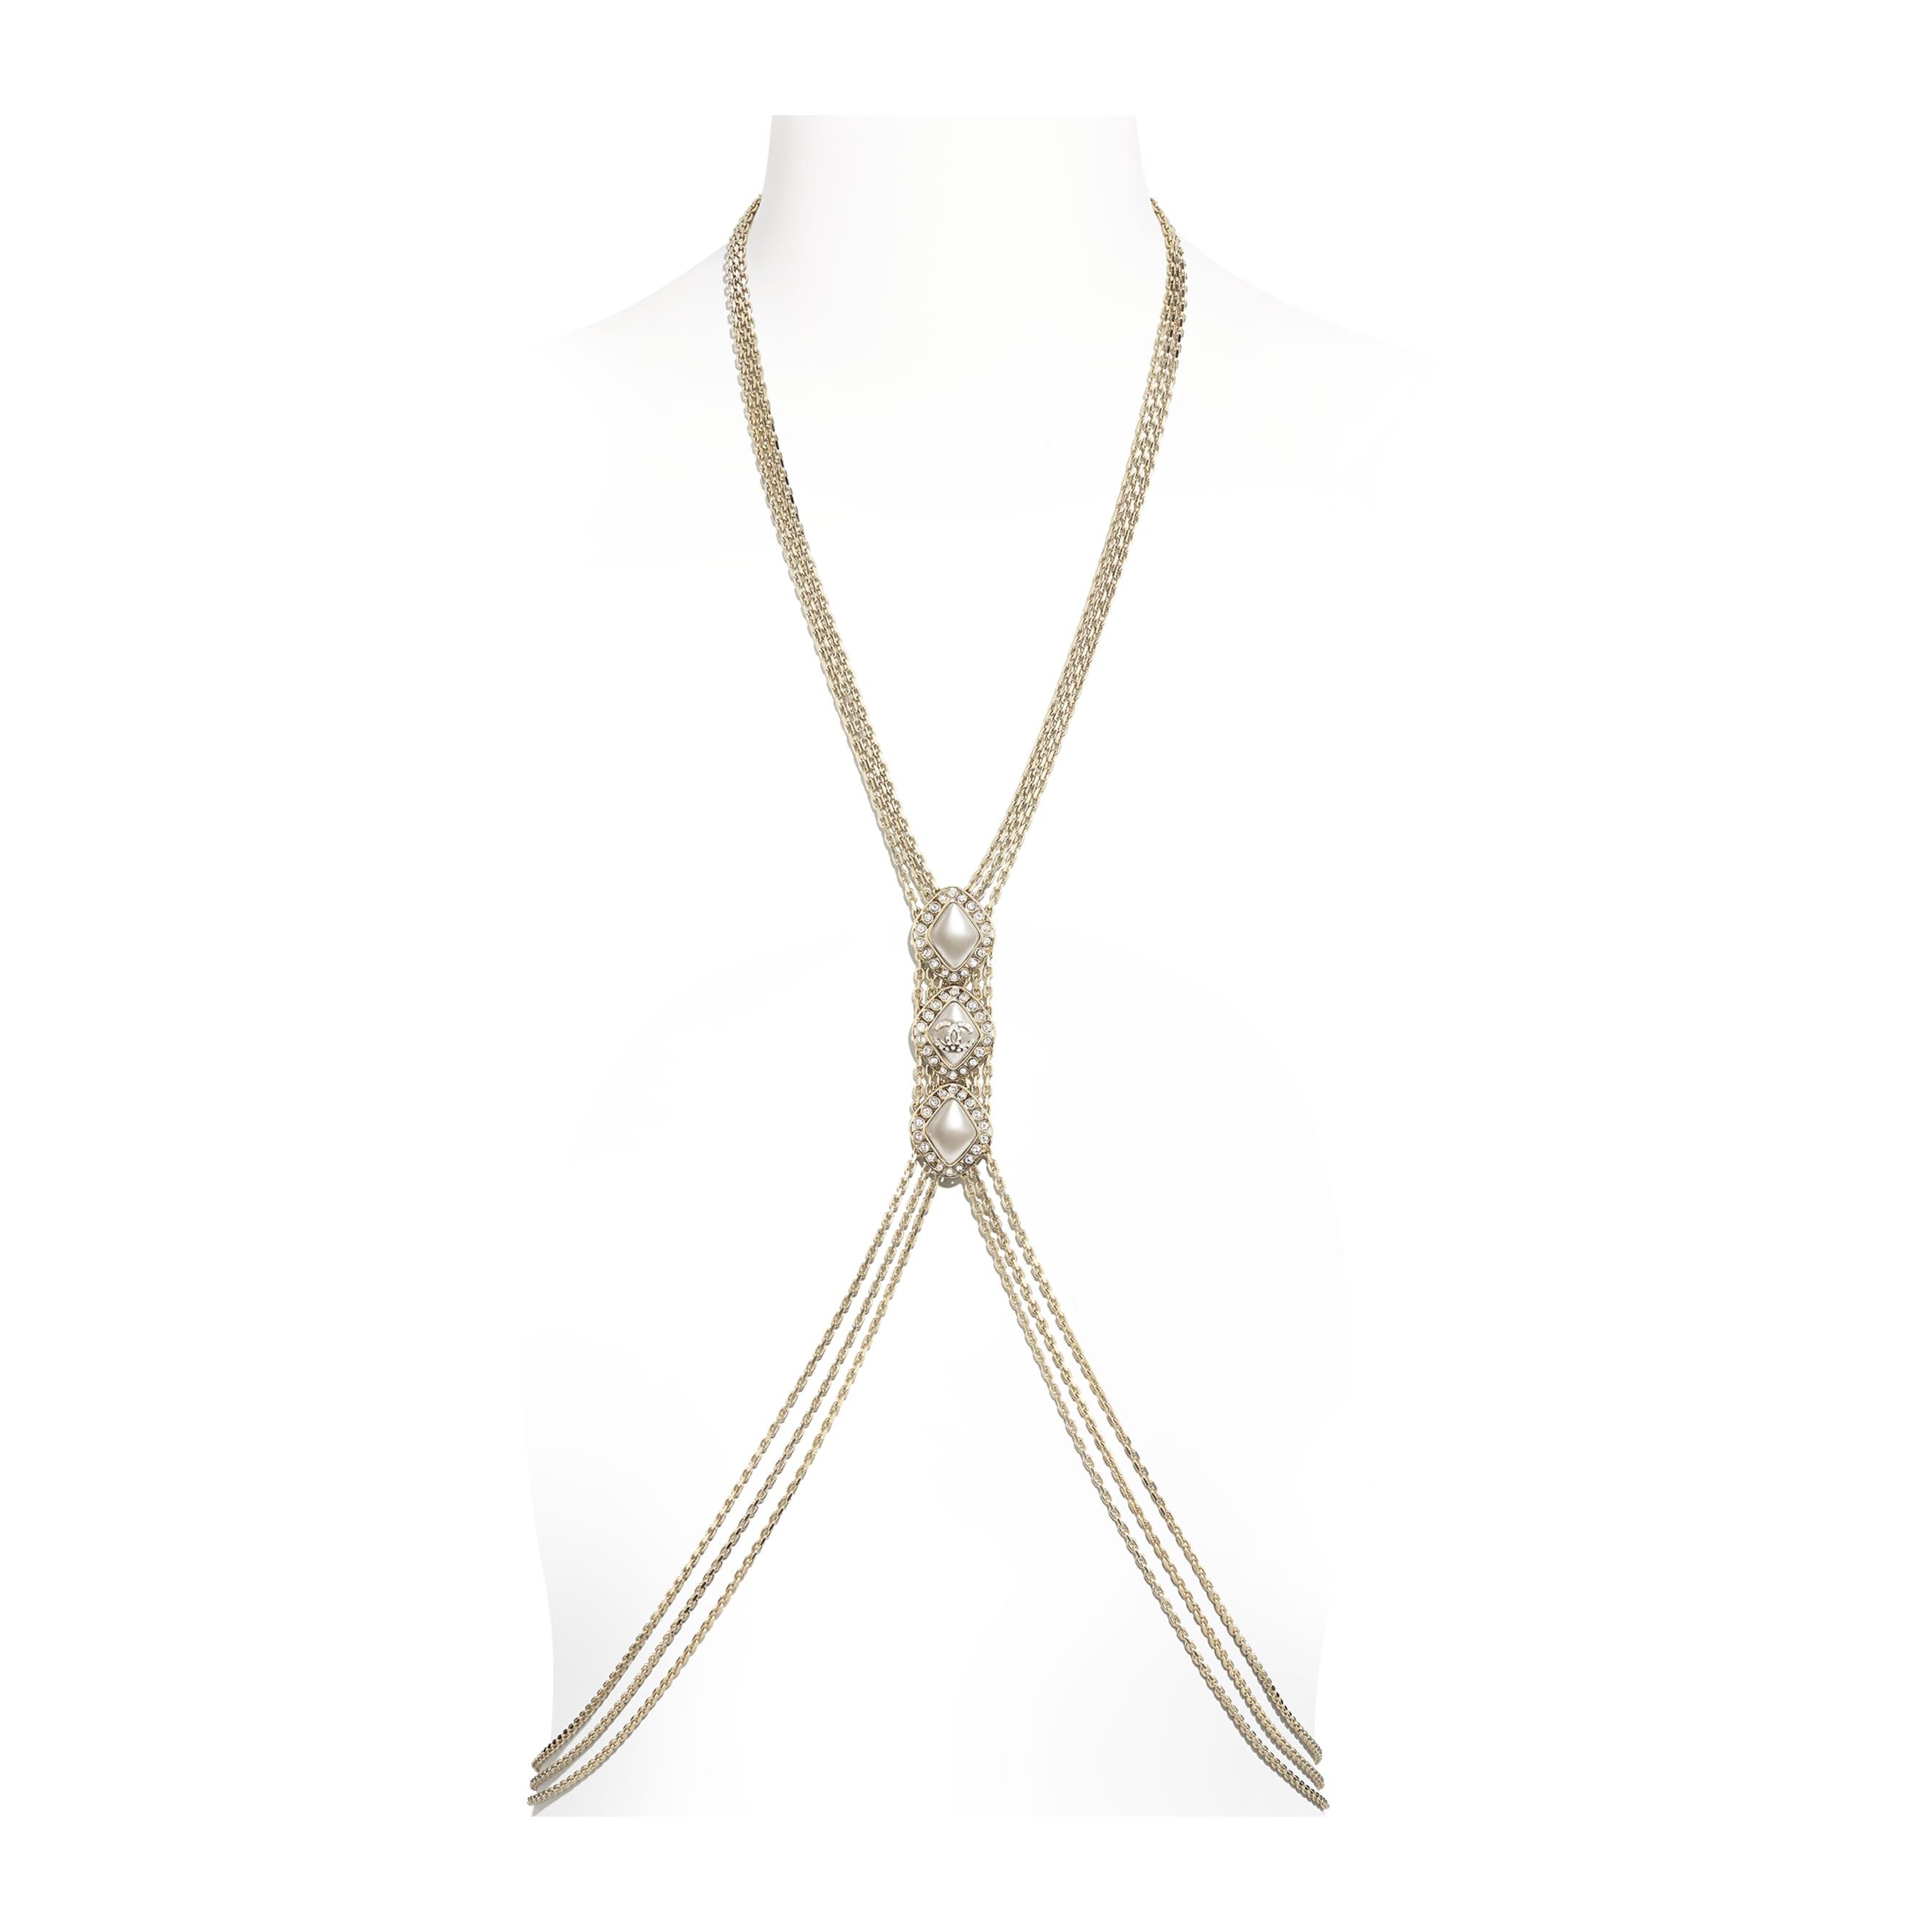 Harness - Dourado, Branco Perolado & Cristal - Metal, Strass & Resina - CHANEL - Vista predefinida - ver a versão em tamanho standard